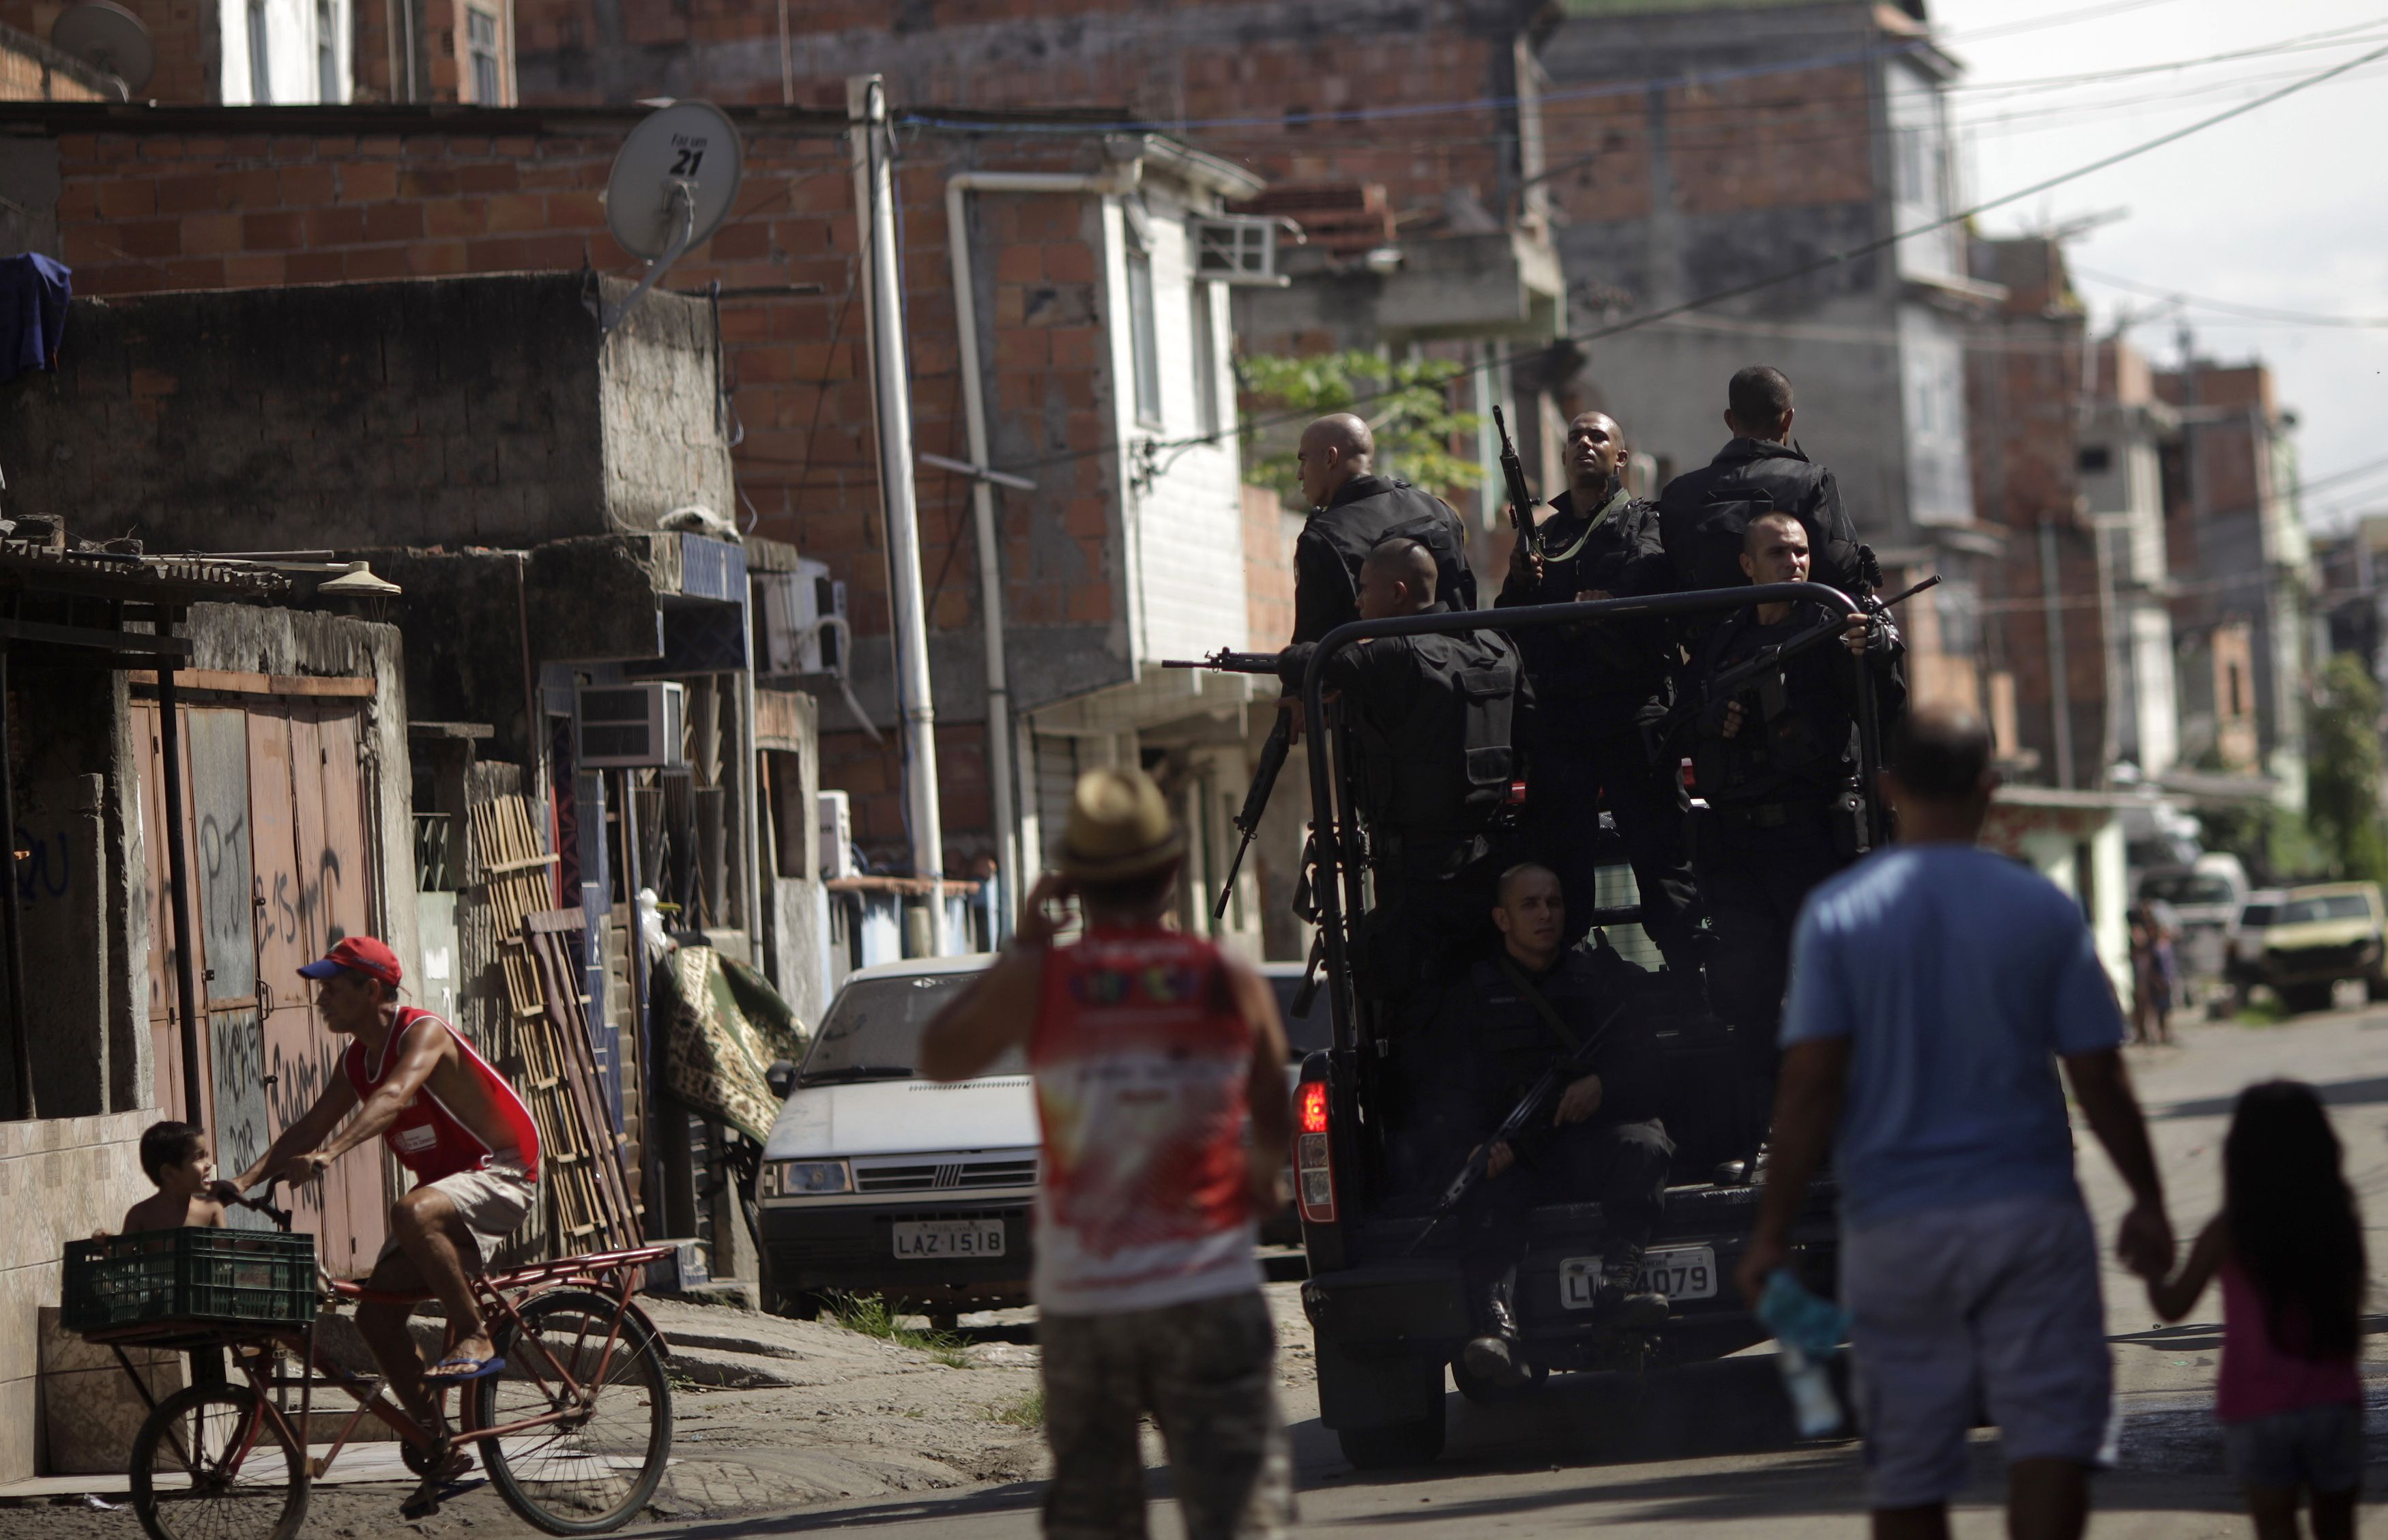 Ocupação no Complexo da Maré, no Rio de Janeiro | Sergio Moraes/Reuters